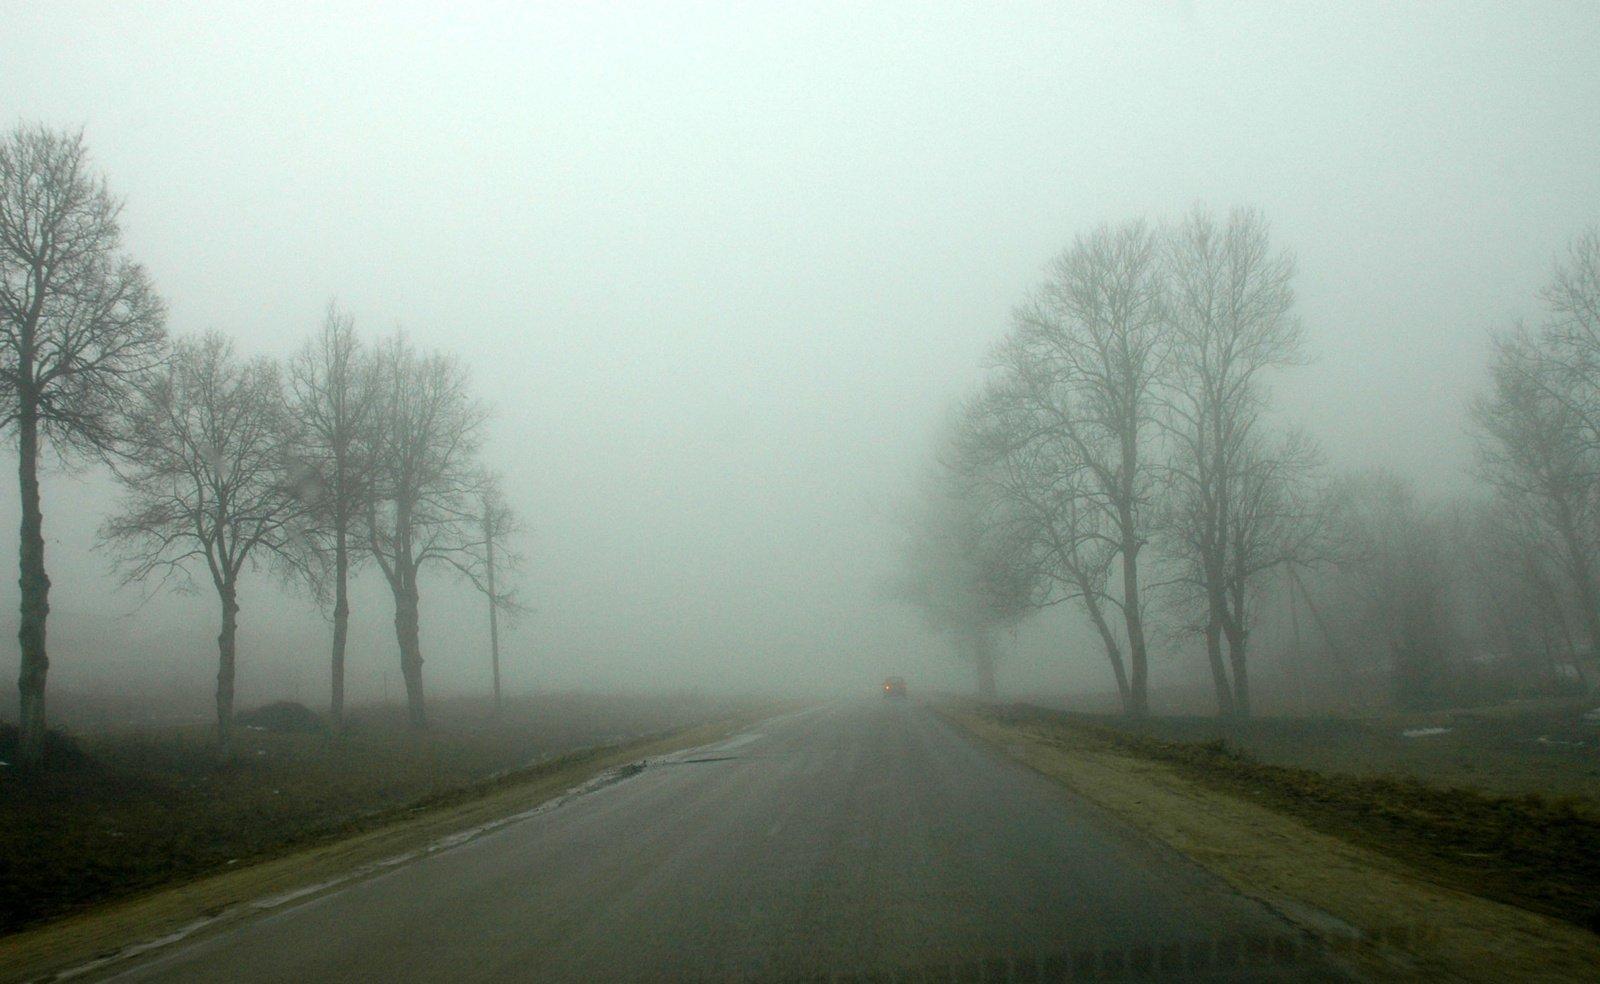 Kelininkai: Utenos rajone eismo sąlygas sunkina rūkas